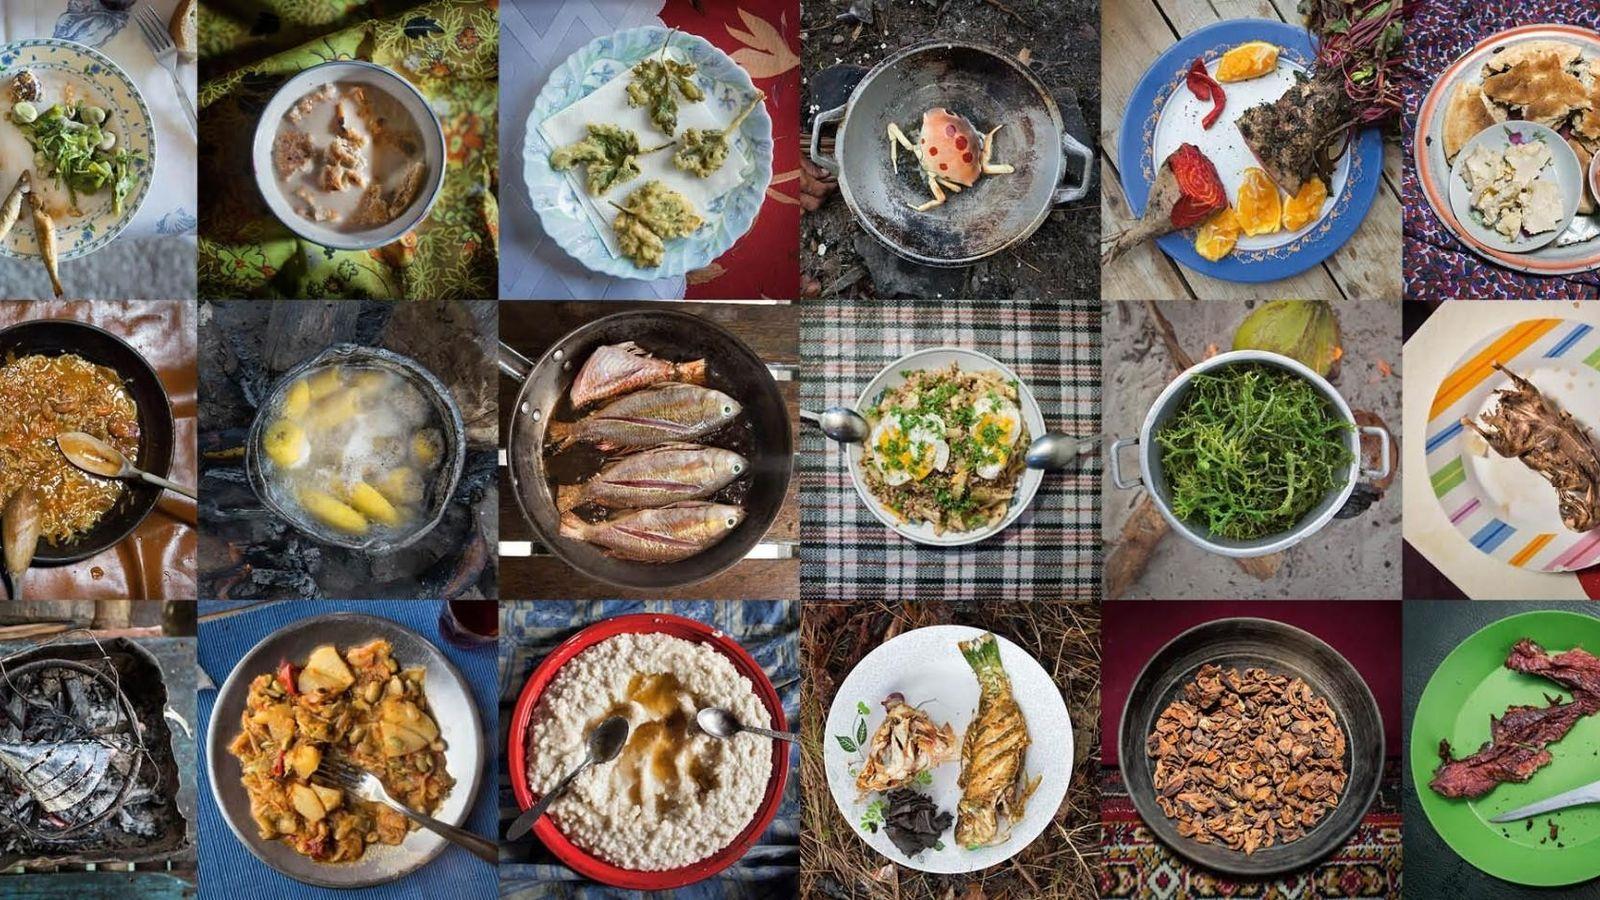 pratos de comida pelo mundo